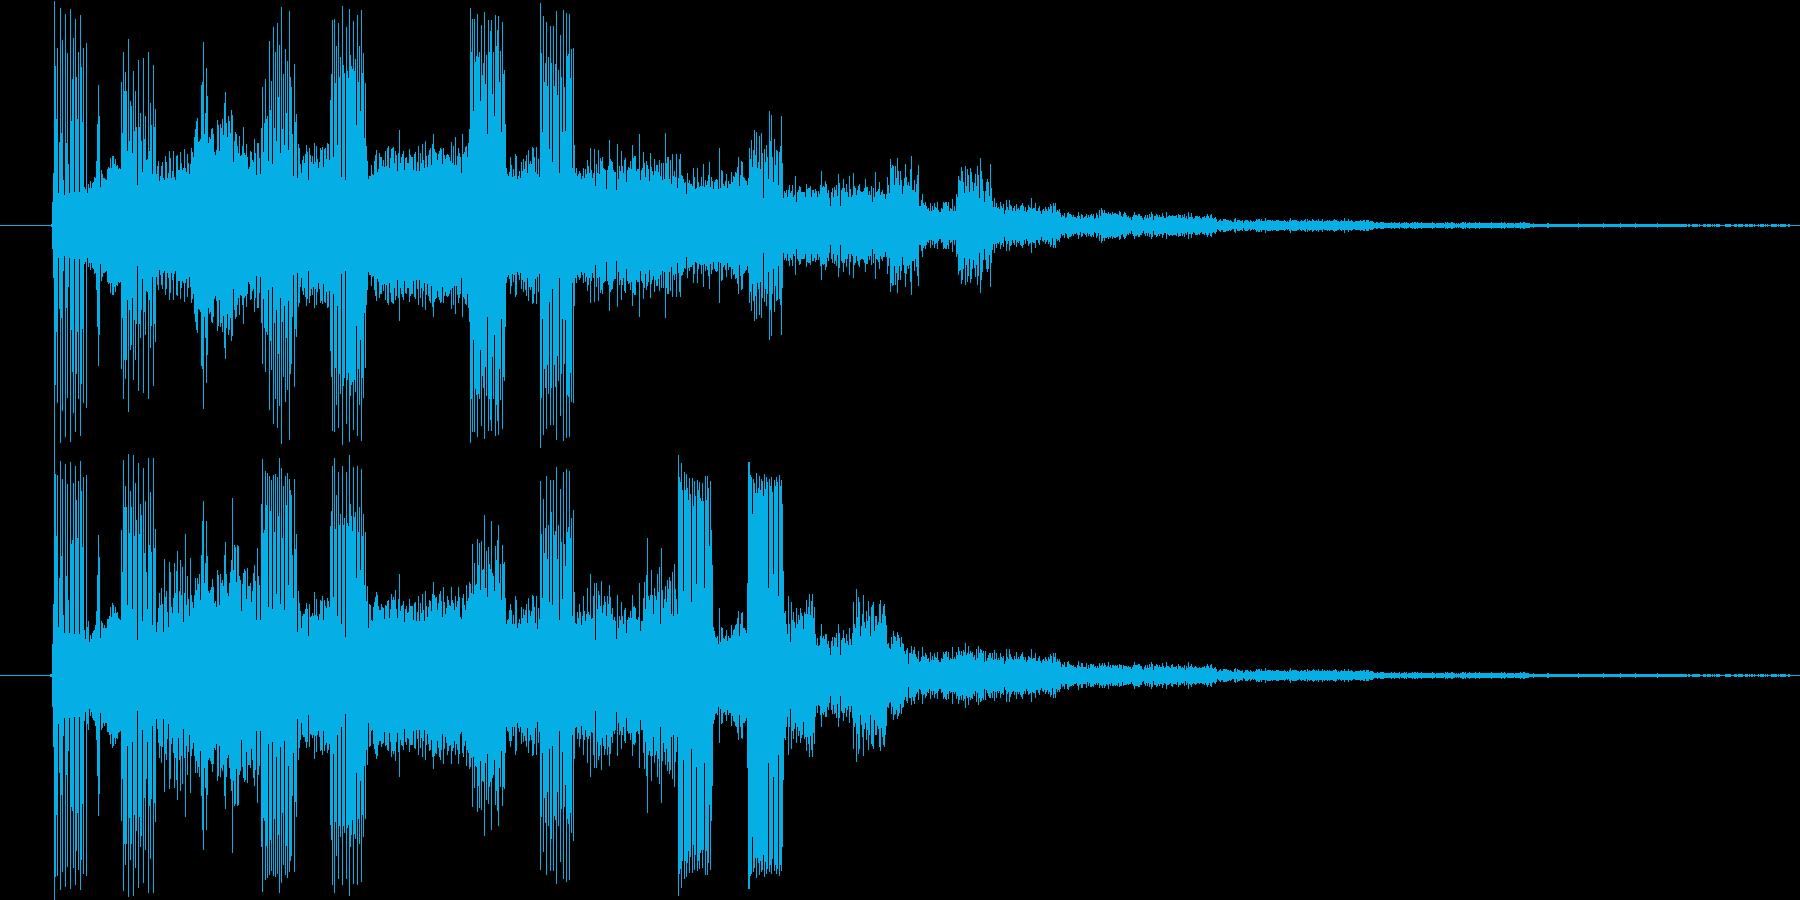 ドミソド(-1):終了やレベルアップにの再生済みの波形